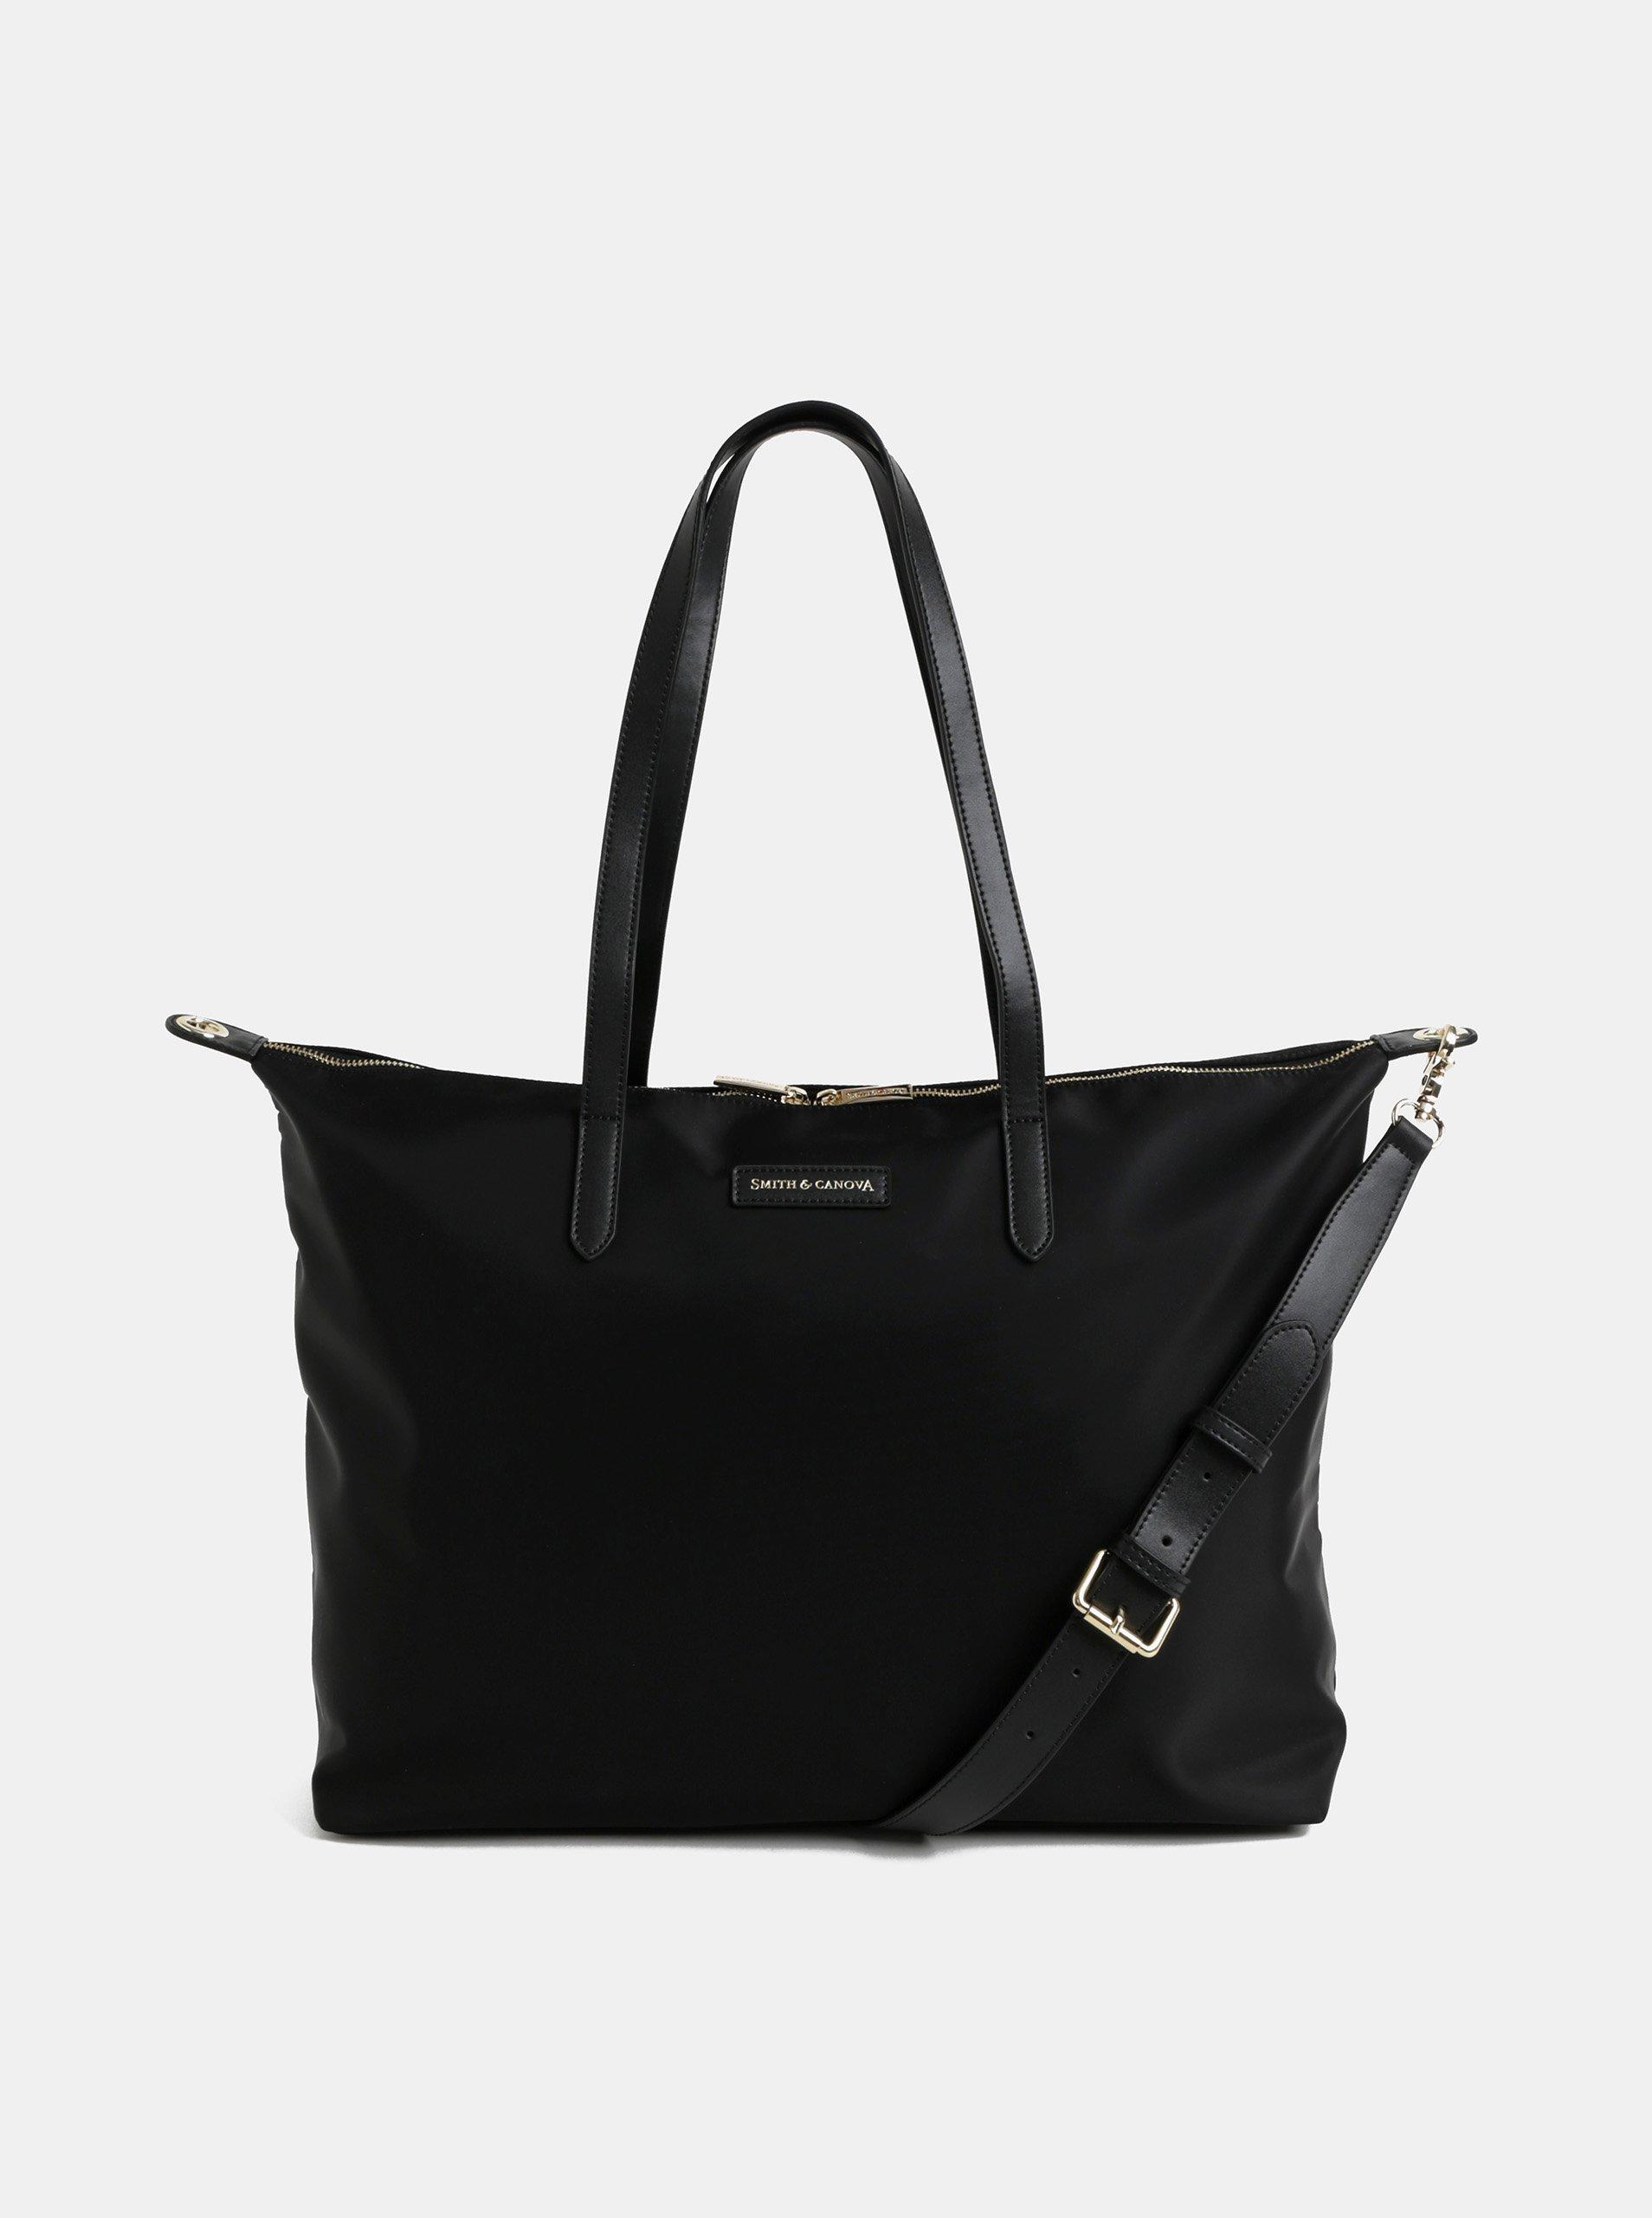 9a701b6d3f Černá cestovní taška s kapsou na notebook a koženými detaily Smith   Canova